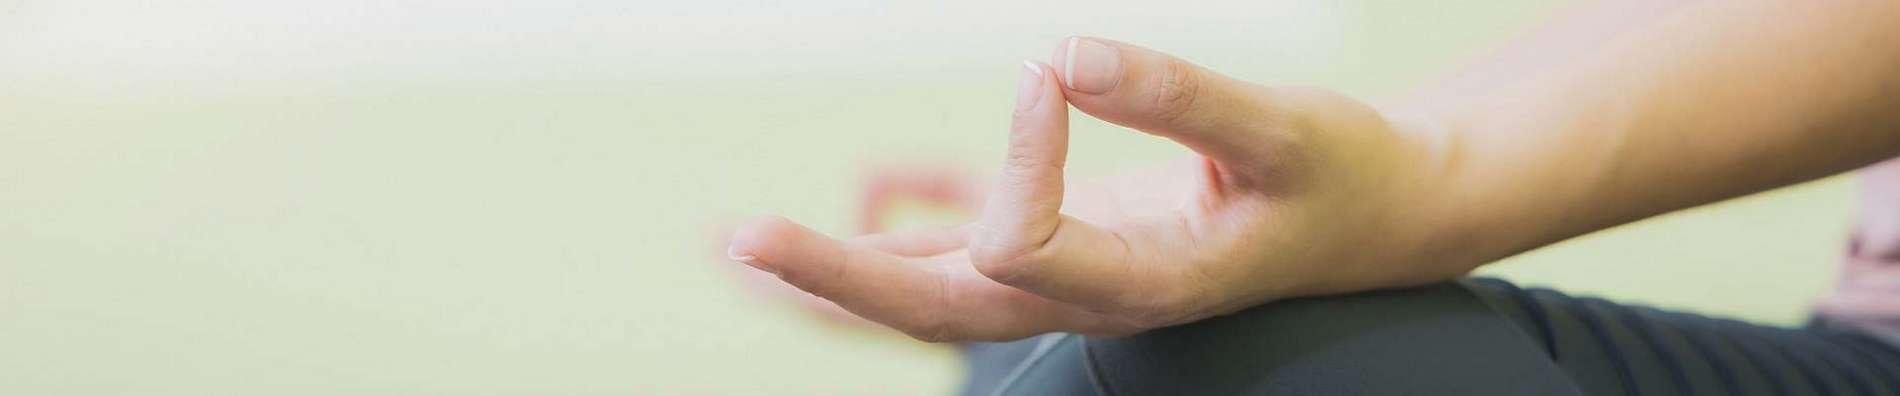 Meditationskissen nachhaltig